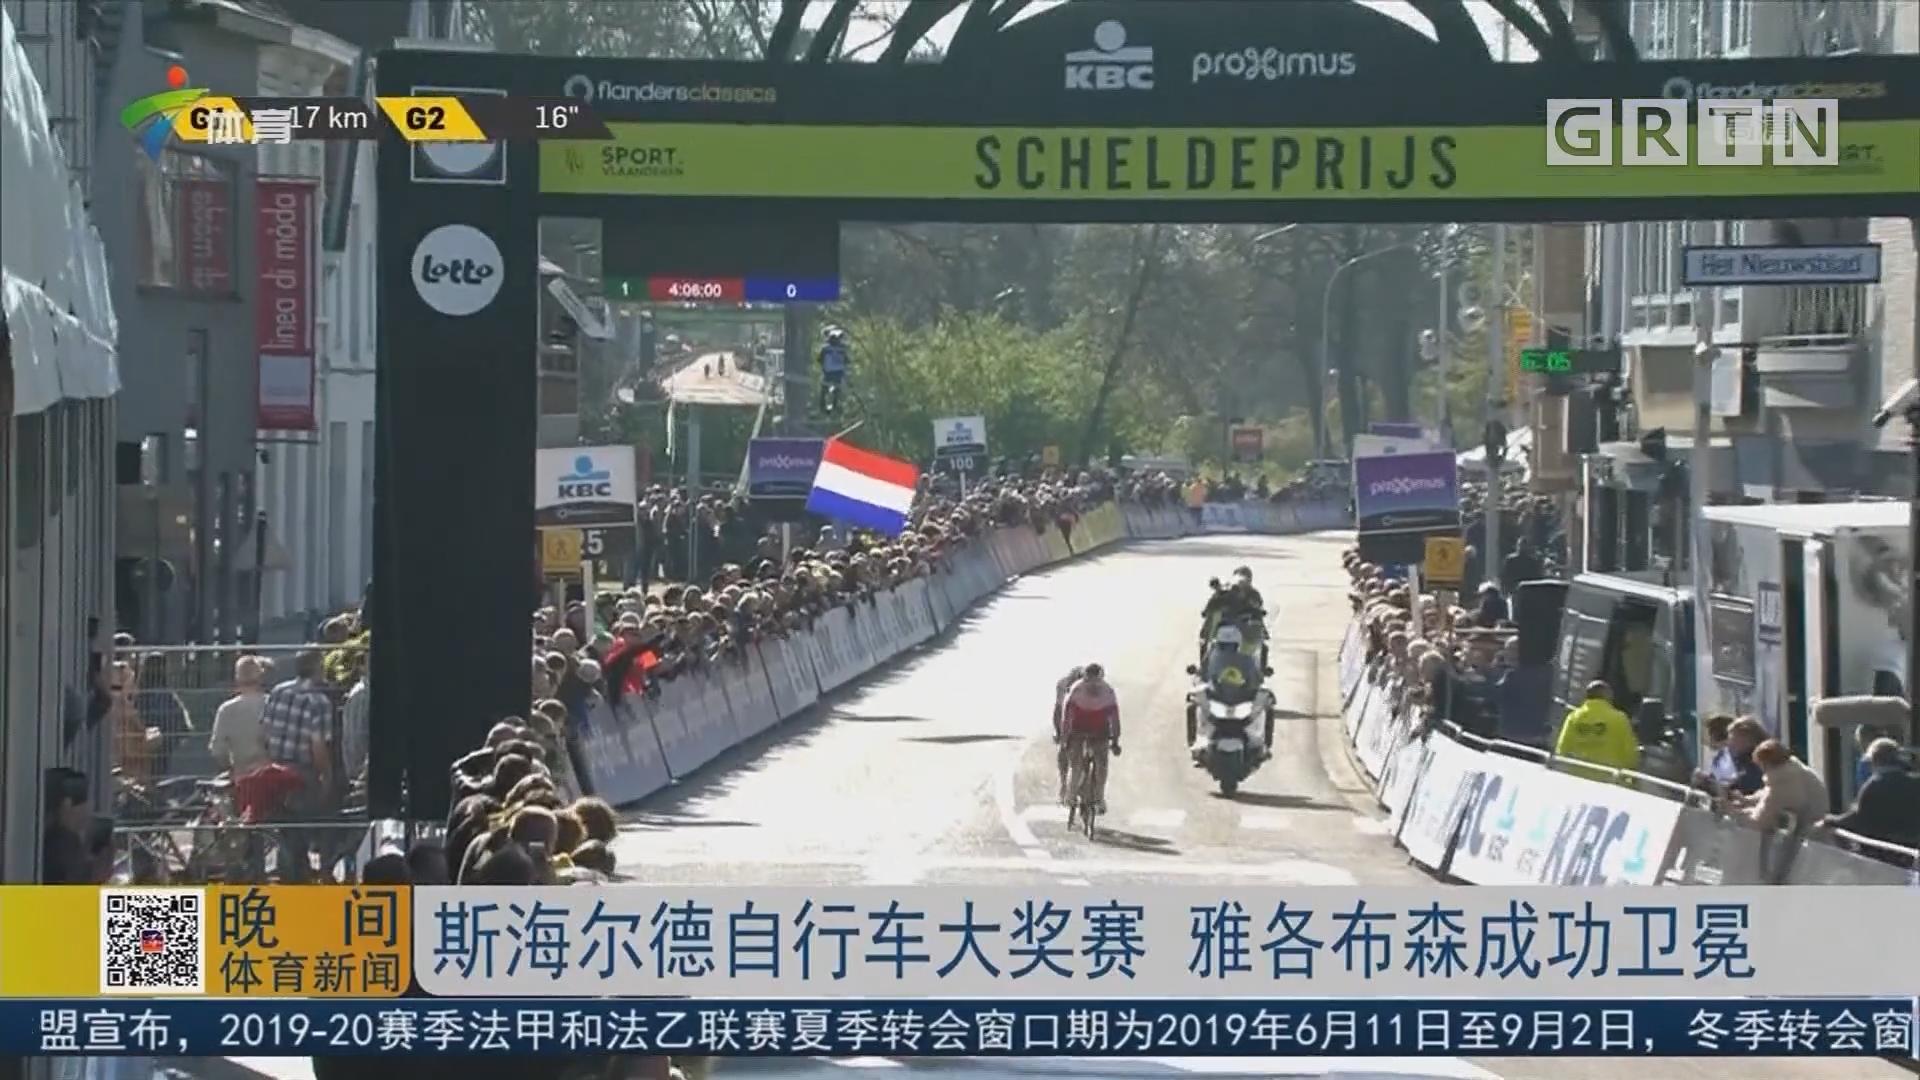 斯海尔德自行车大奖赛 雅各布森成功卫冕